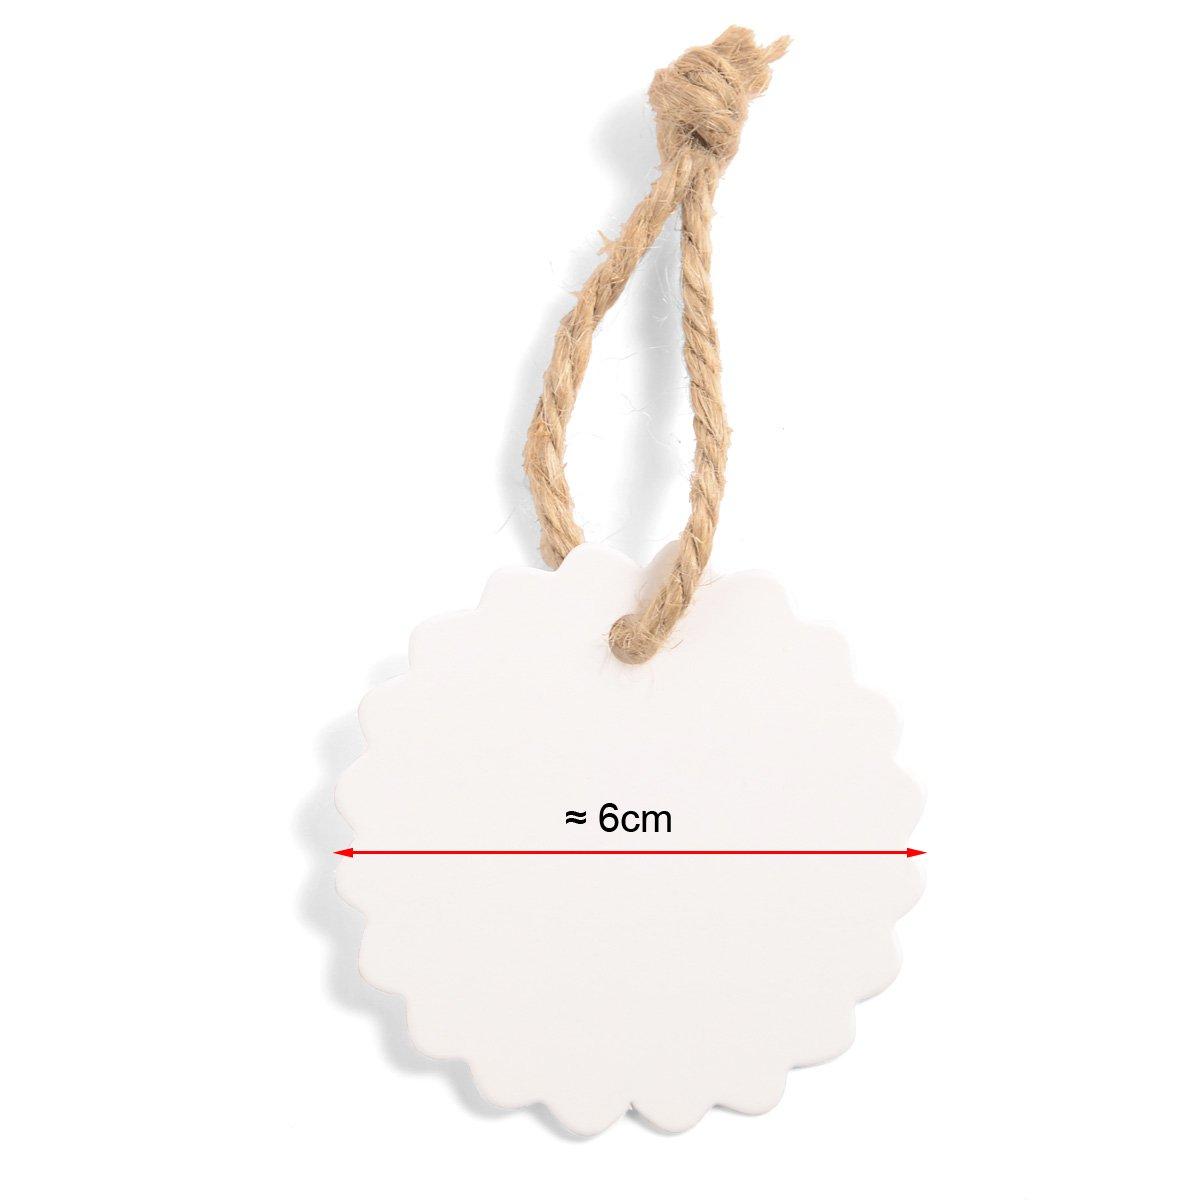 Precio Etiquetas Nombre tarjetas Precio Cartel * env/ío desde Alemania 100/x blanco redondo regalo colgante papel colgante colgantes etiquetas anh/ängee tiketten con hilo Gift Tags Labels para dise/ñar Incluso envolver